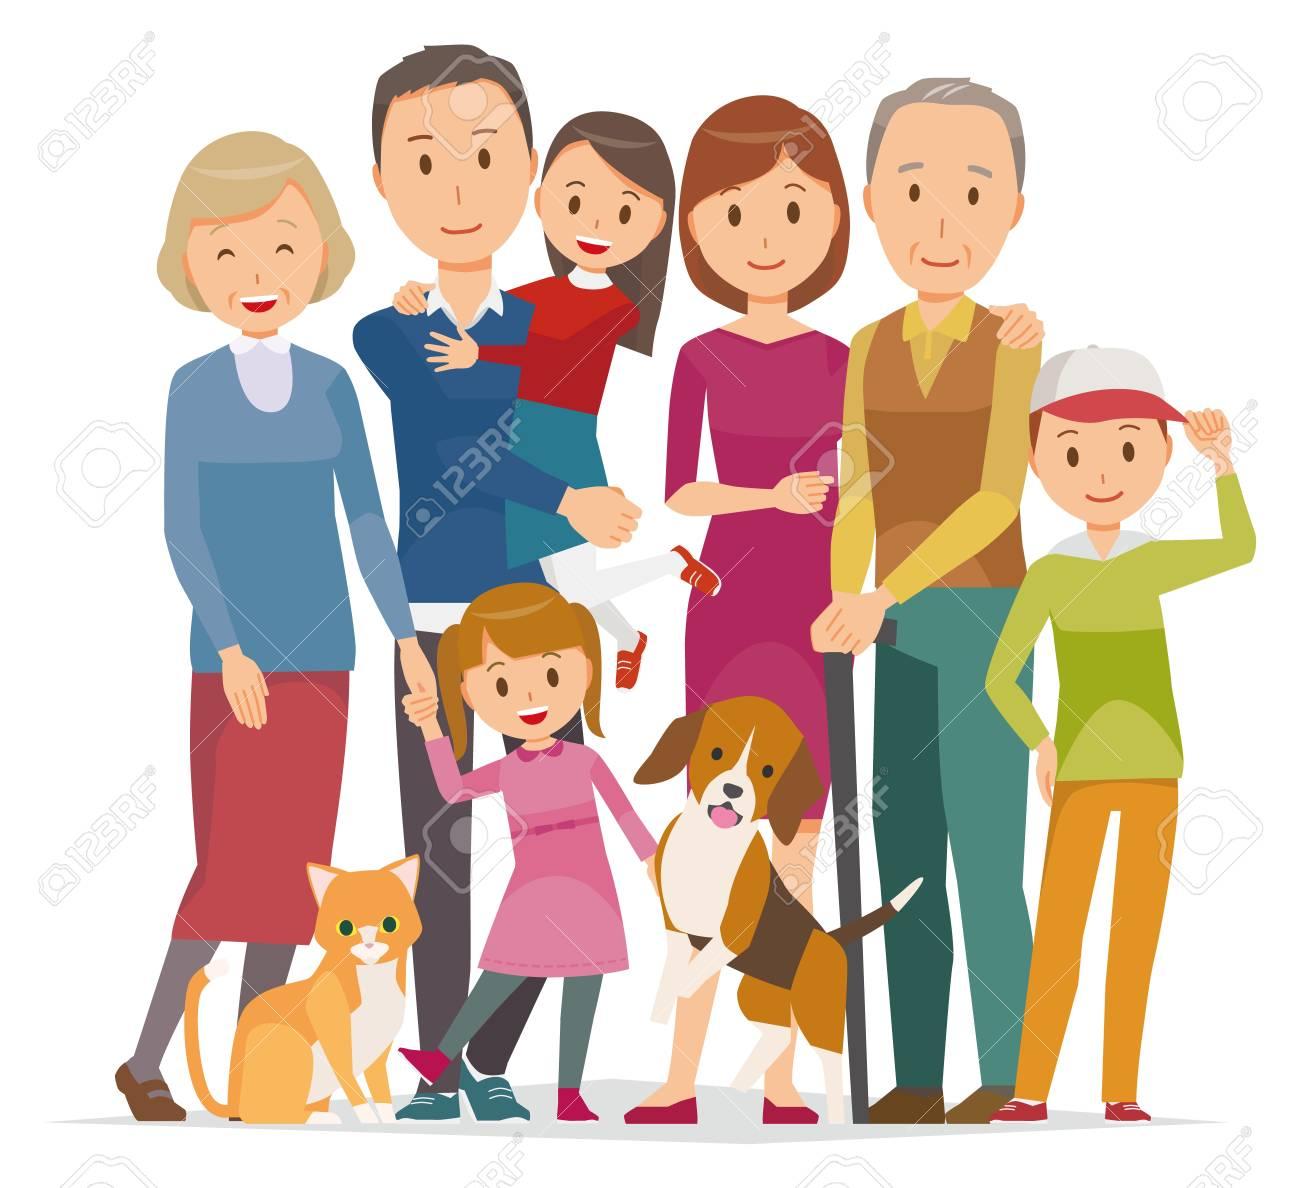 家族 3 世代と冬のペットの 7 人のイラストのイラスト素材ベクタ